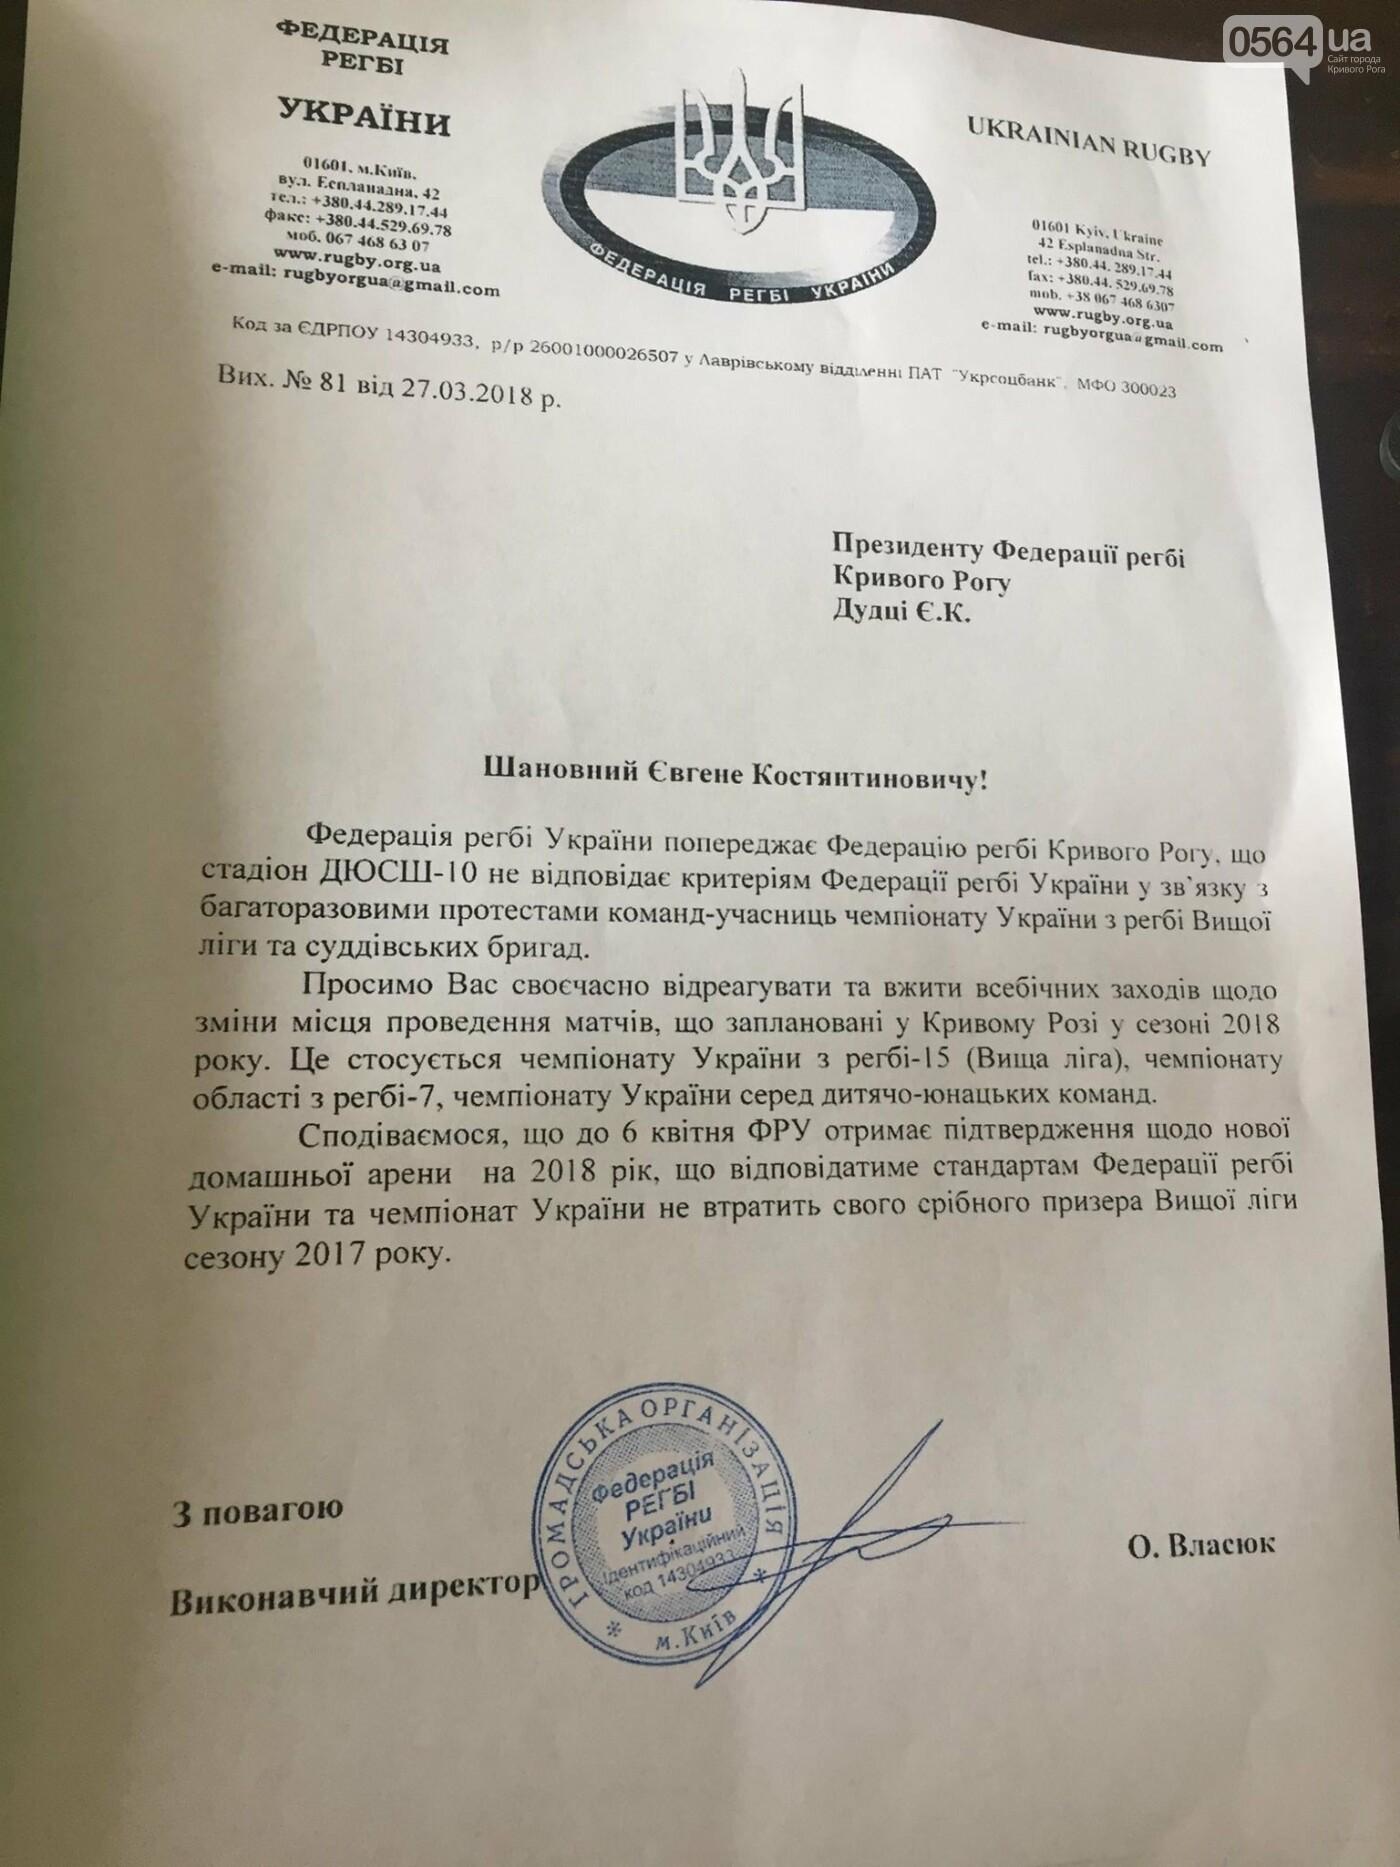 """""""В Пятихатках поле есть, а в Кривбассе нет"""": регбисты получили предупреждение от ФРУ, фото-1"""